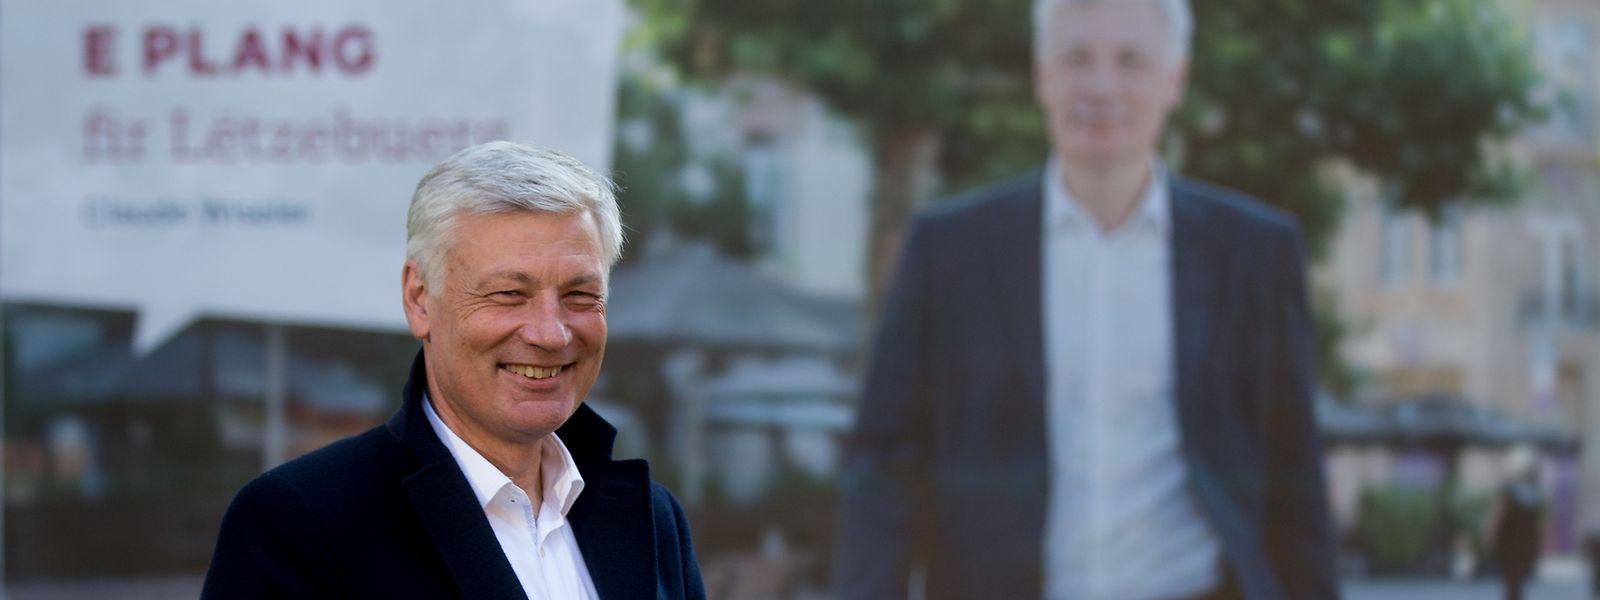 Claude Wiseler während der Wahlkampagne.